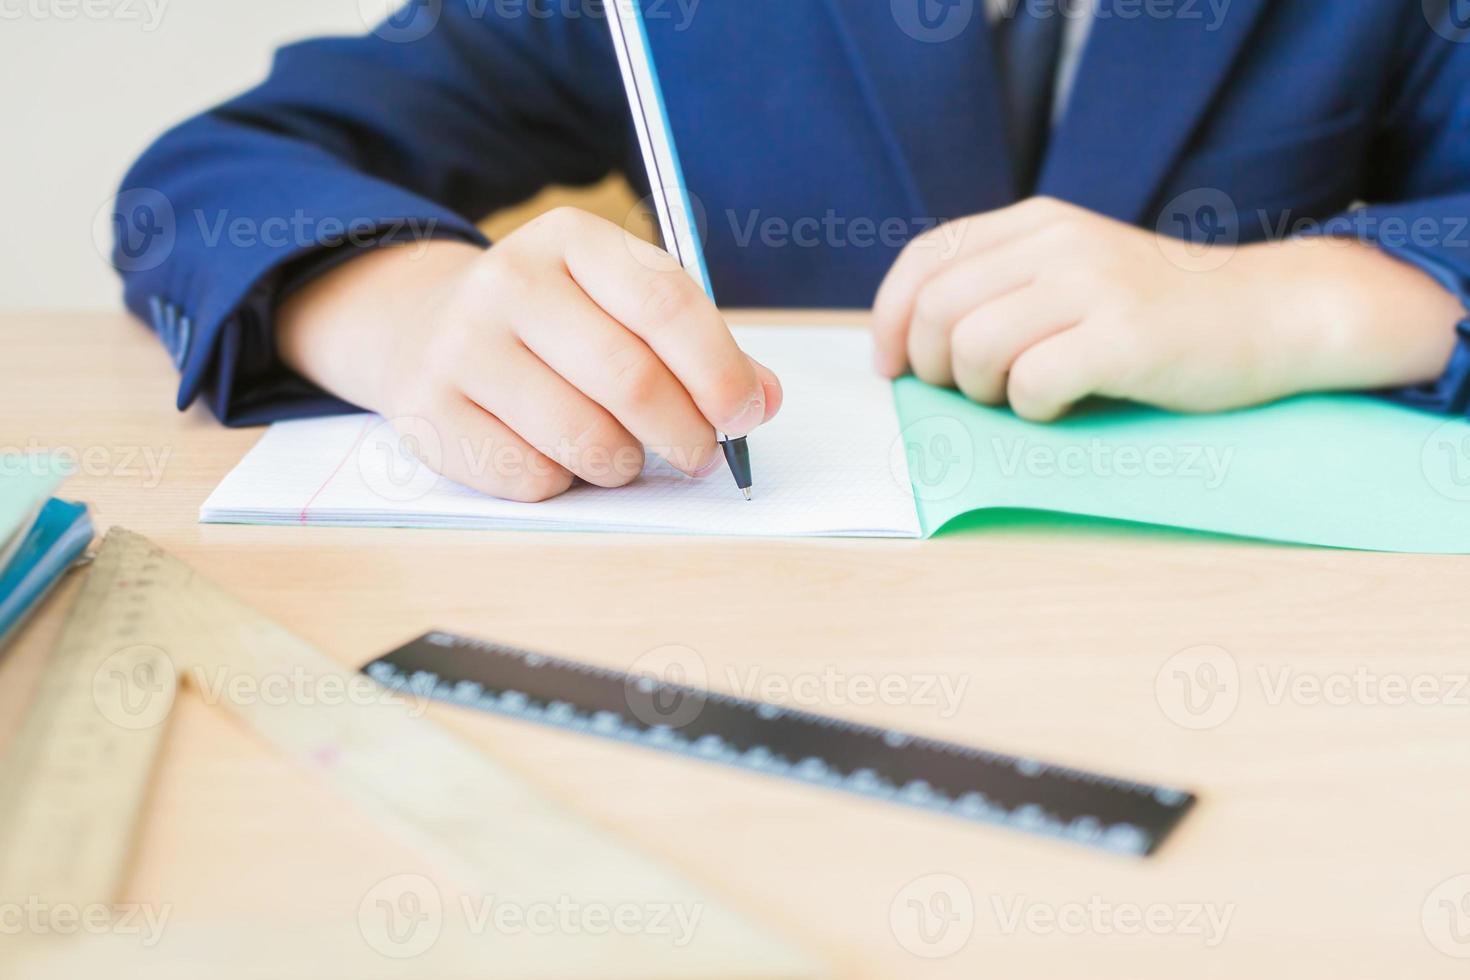 fond d'écran d'étudiant assis au bureau pour le travail en classe photo